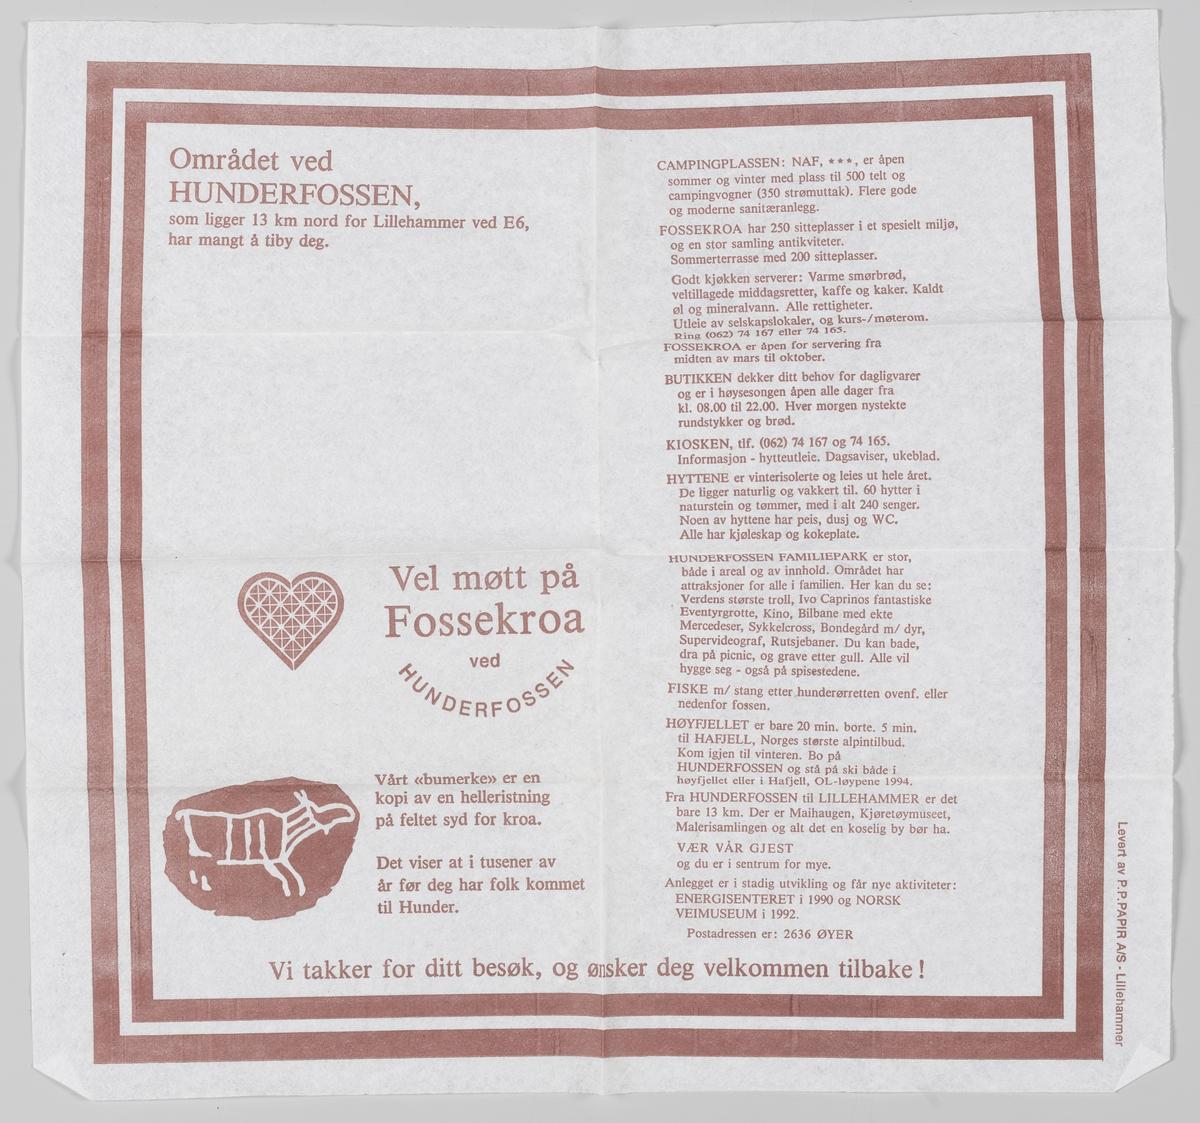 Et hjerte og en helleristning med et reinmotiv og reklametekst for Fossekroa ved Hunderfossen.  Fossekroa ble etablert i 1962. Fossekroa ligger 400 m fra Hunderfossen Familiepark, 100 m fra Barnas Gård Hunderfossen og 500 m fra Norsk Vegmuseum.